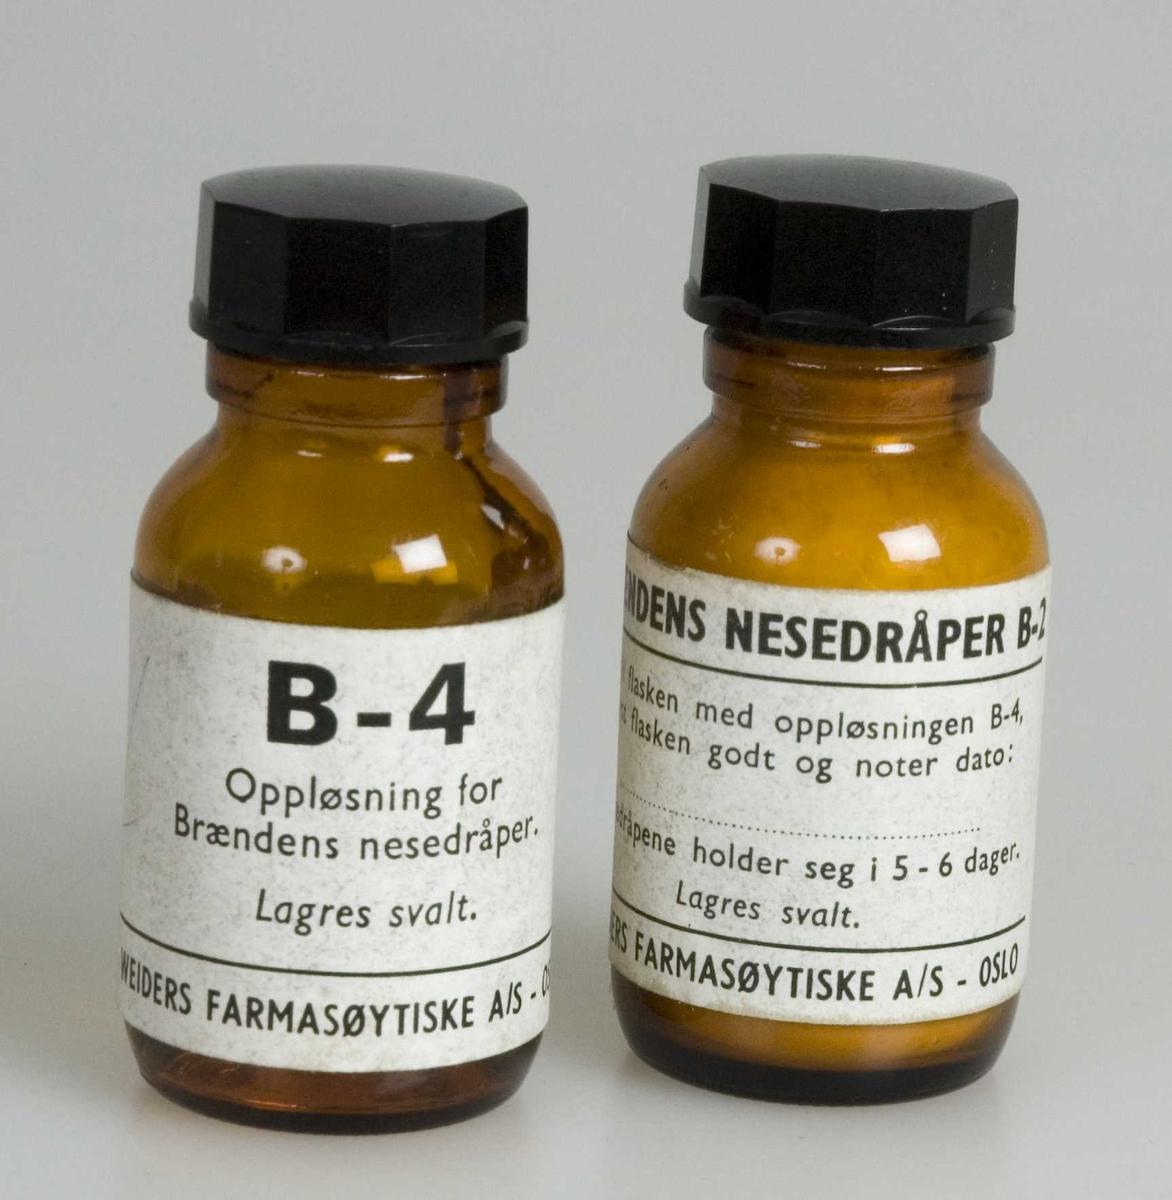 Medisinflaske med innhold. Brændens nesedråper består av 2 flasker, en inneholder oppløsningsvæske, den andre tørrstoff. Tørrstoffet oppløses umiddelbart før preparatet tas i bruk